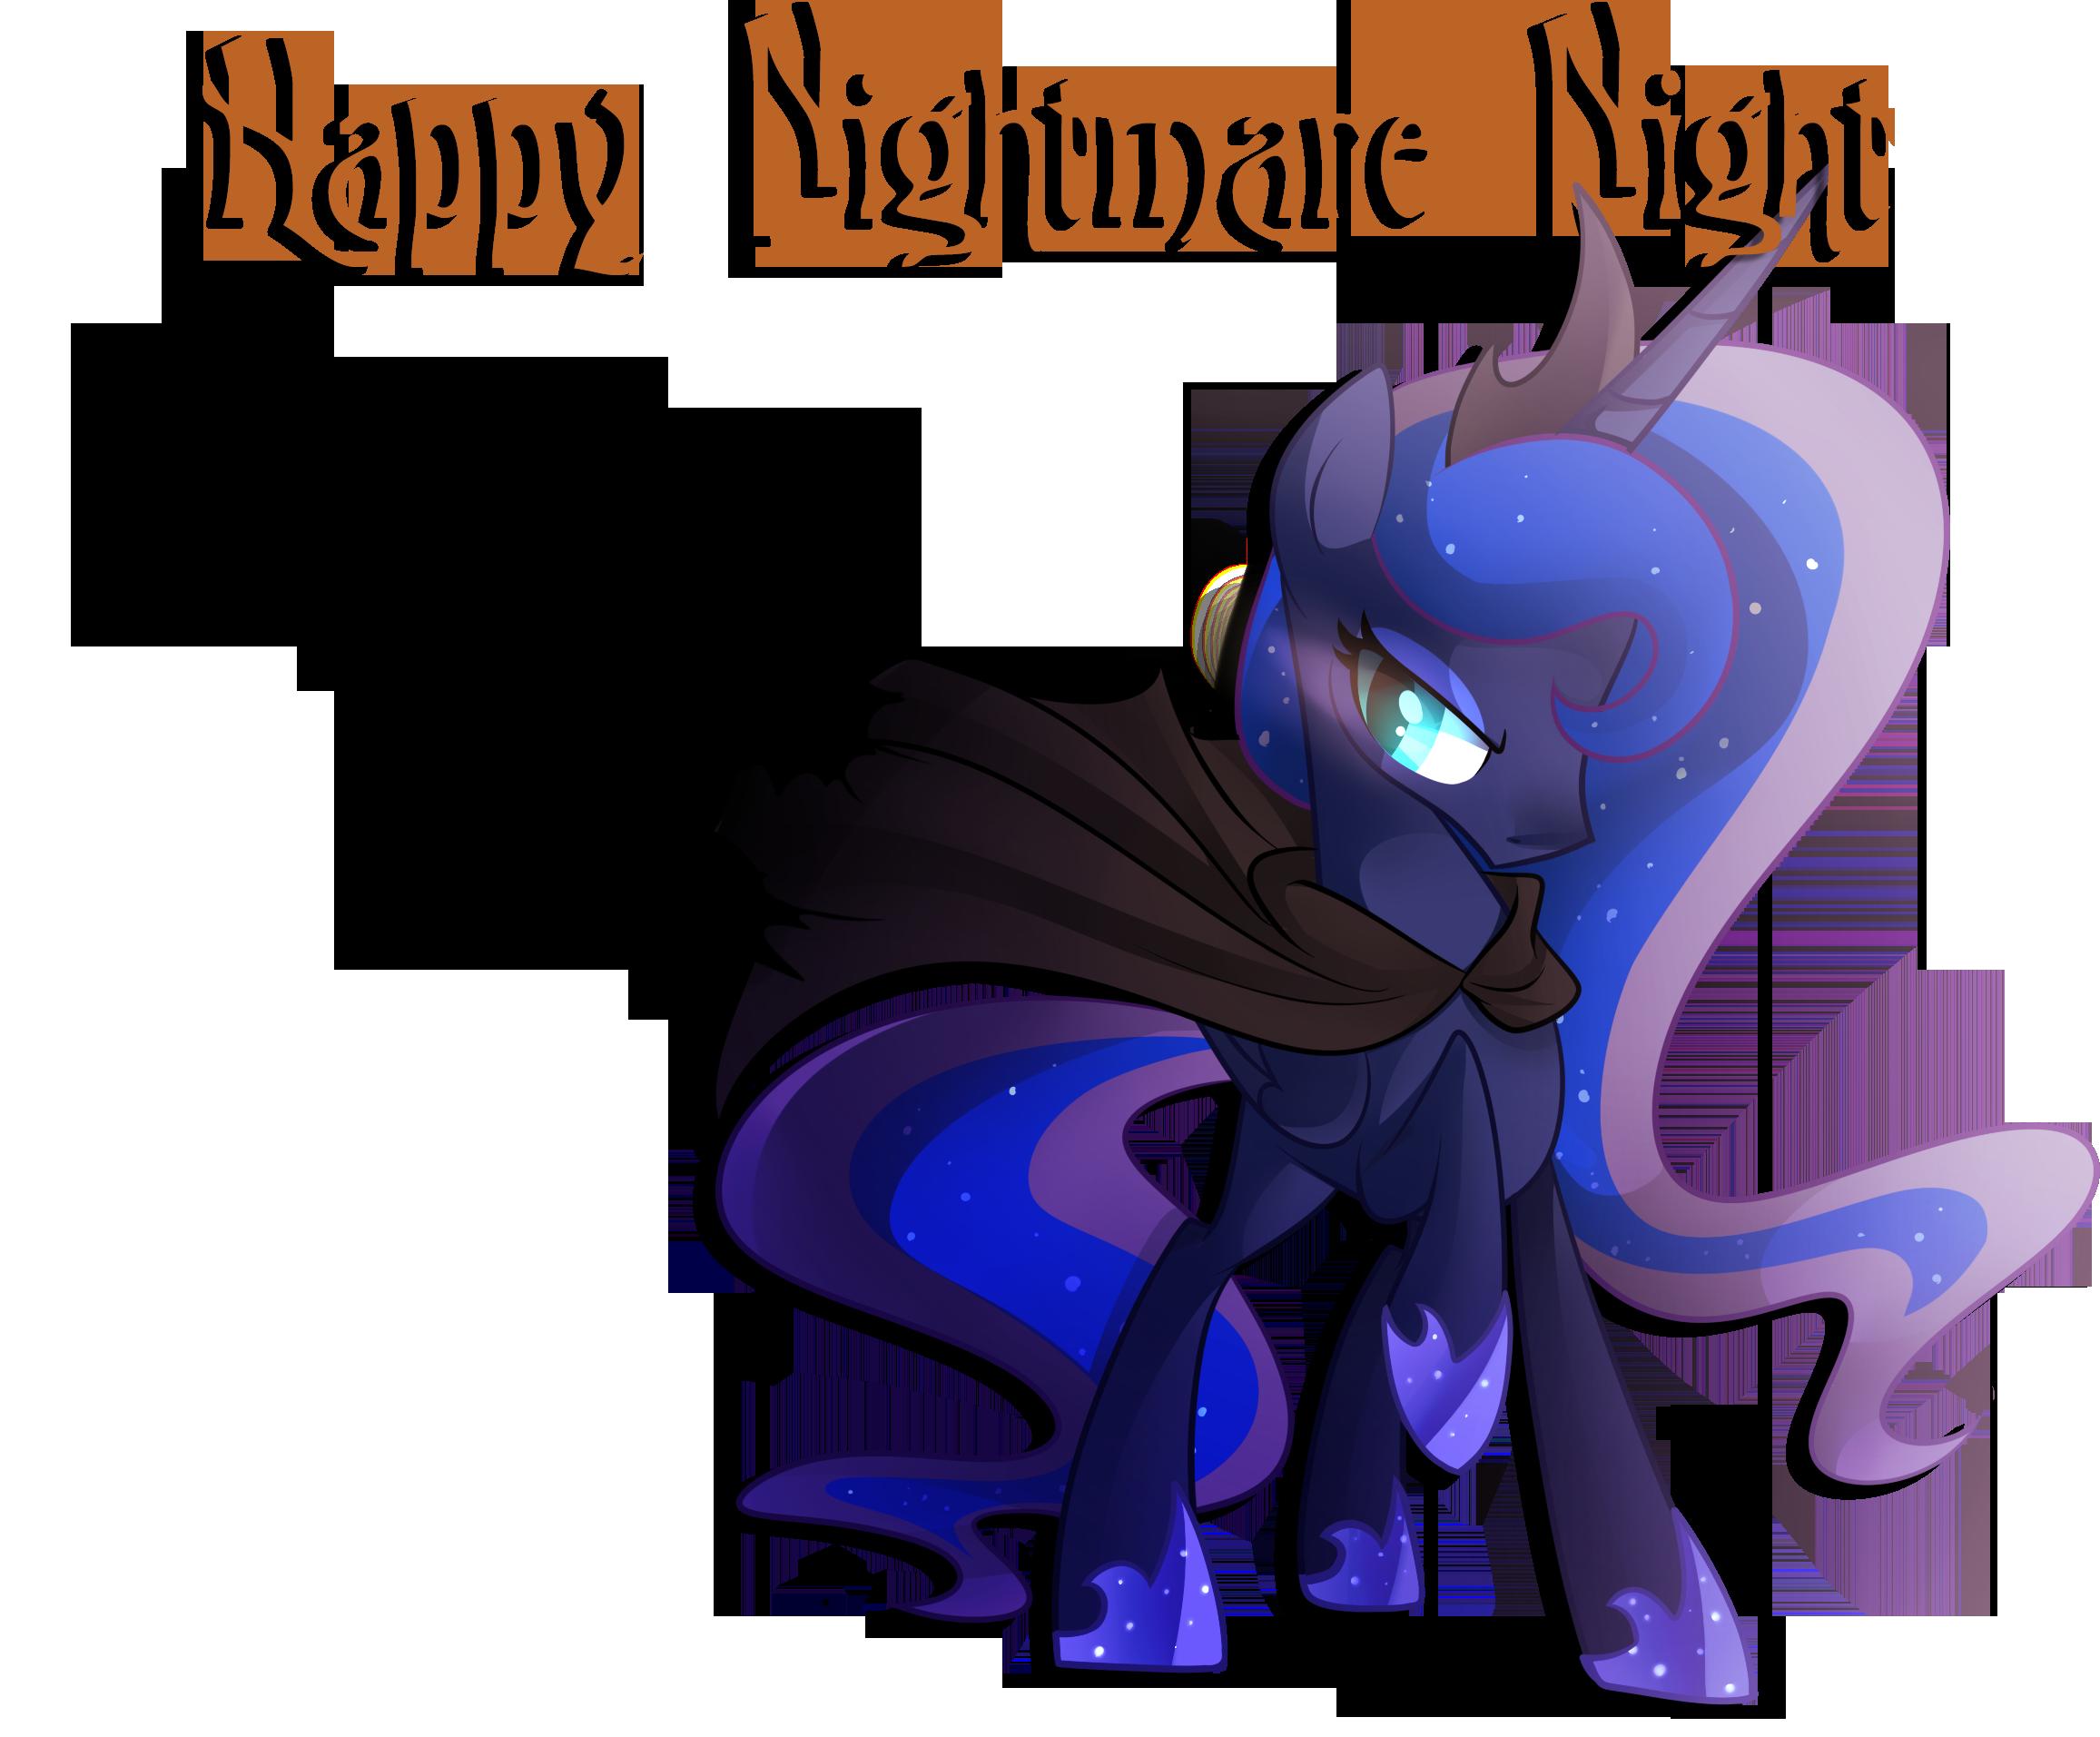 Happy Nightmare Night